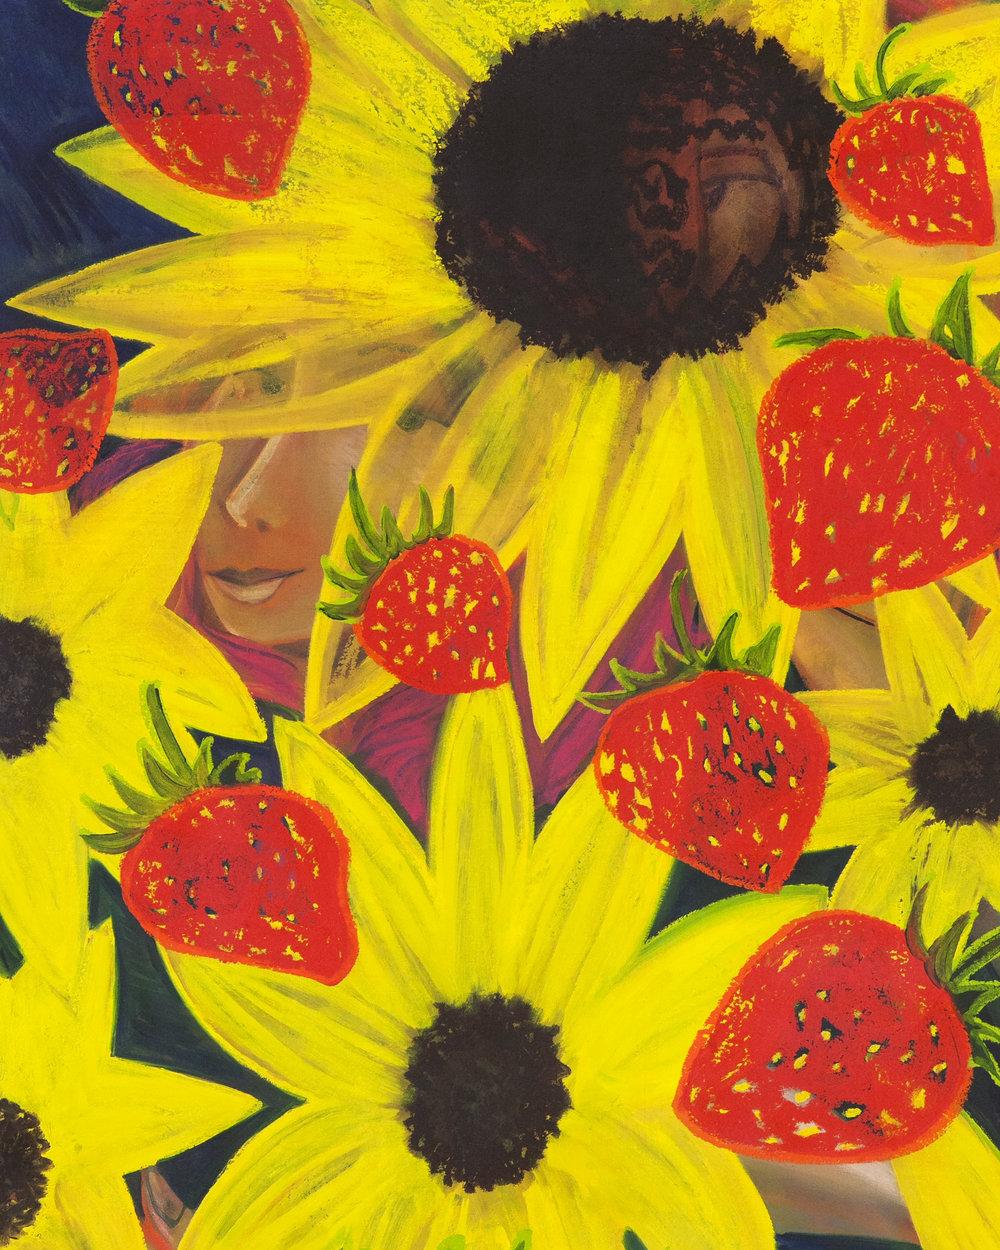 samspano_sunflowerstrawberry_1.jpg